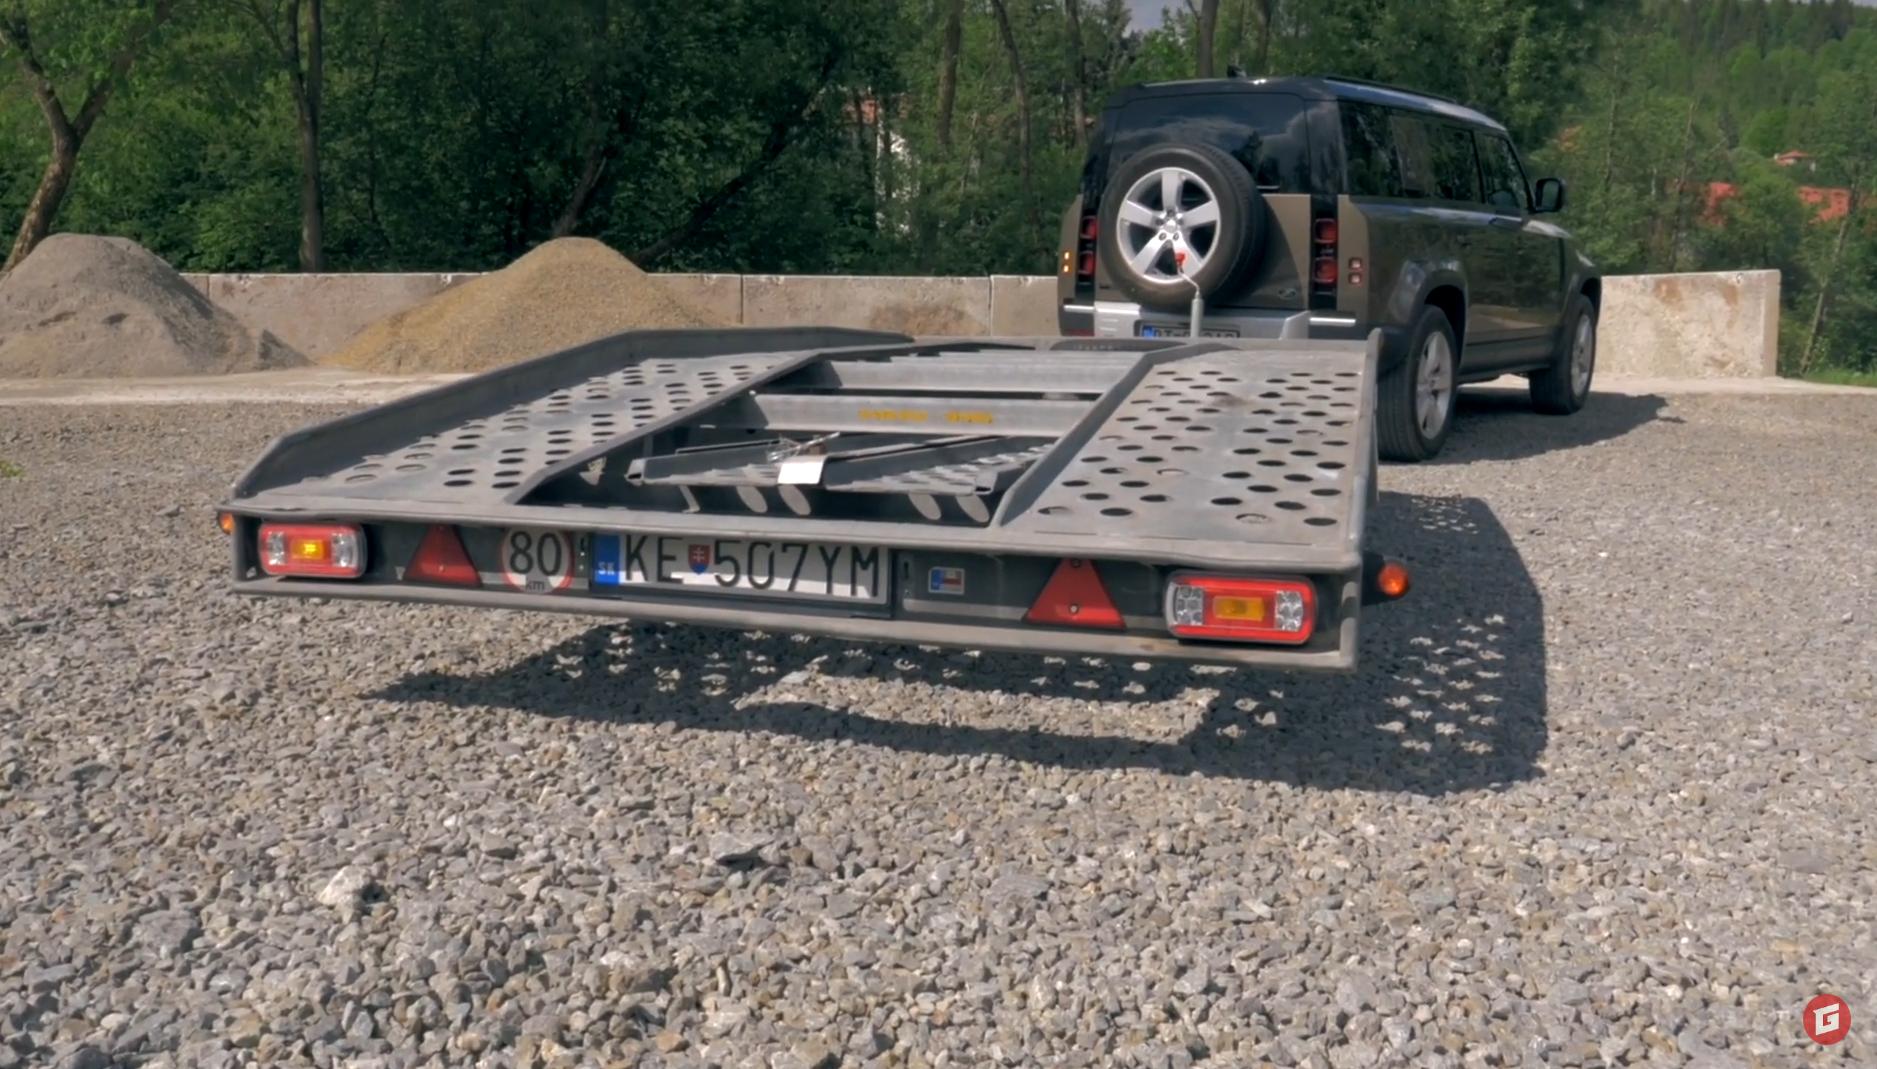 Rasťo Chvála v najnovšom videu spomína na motoristické detstvo